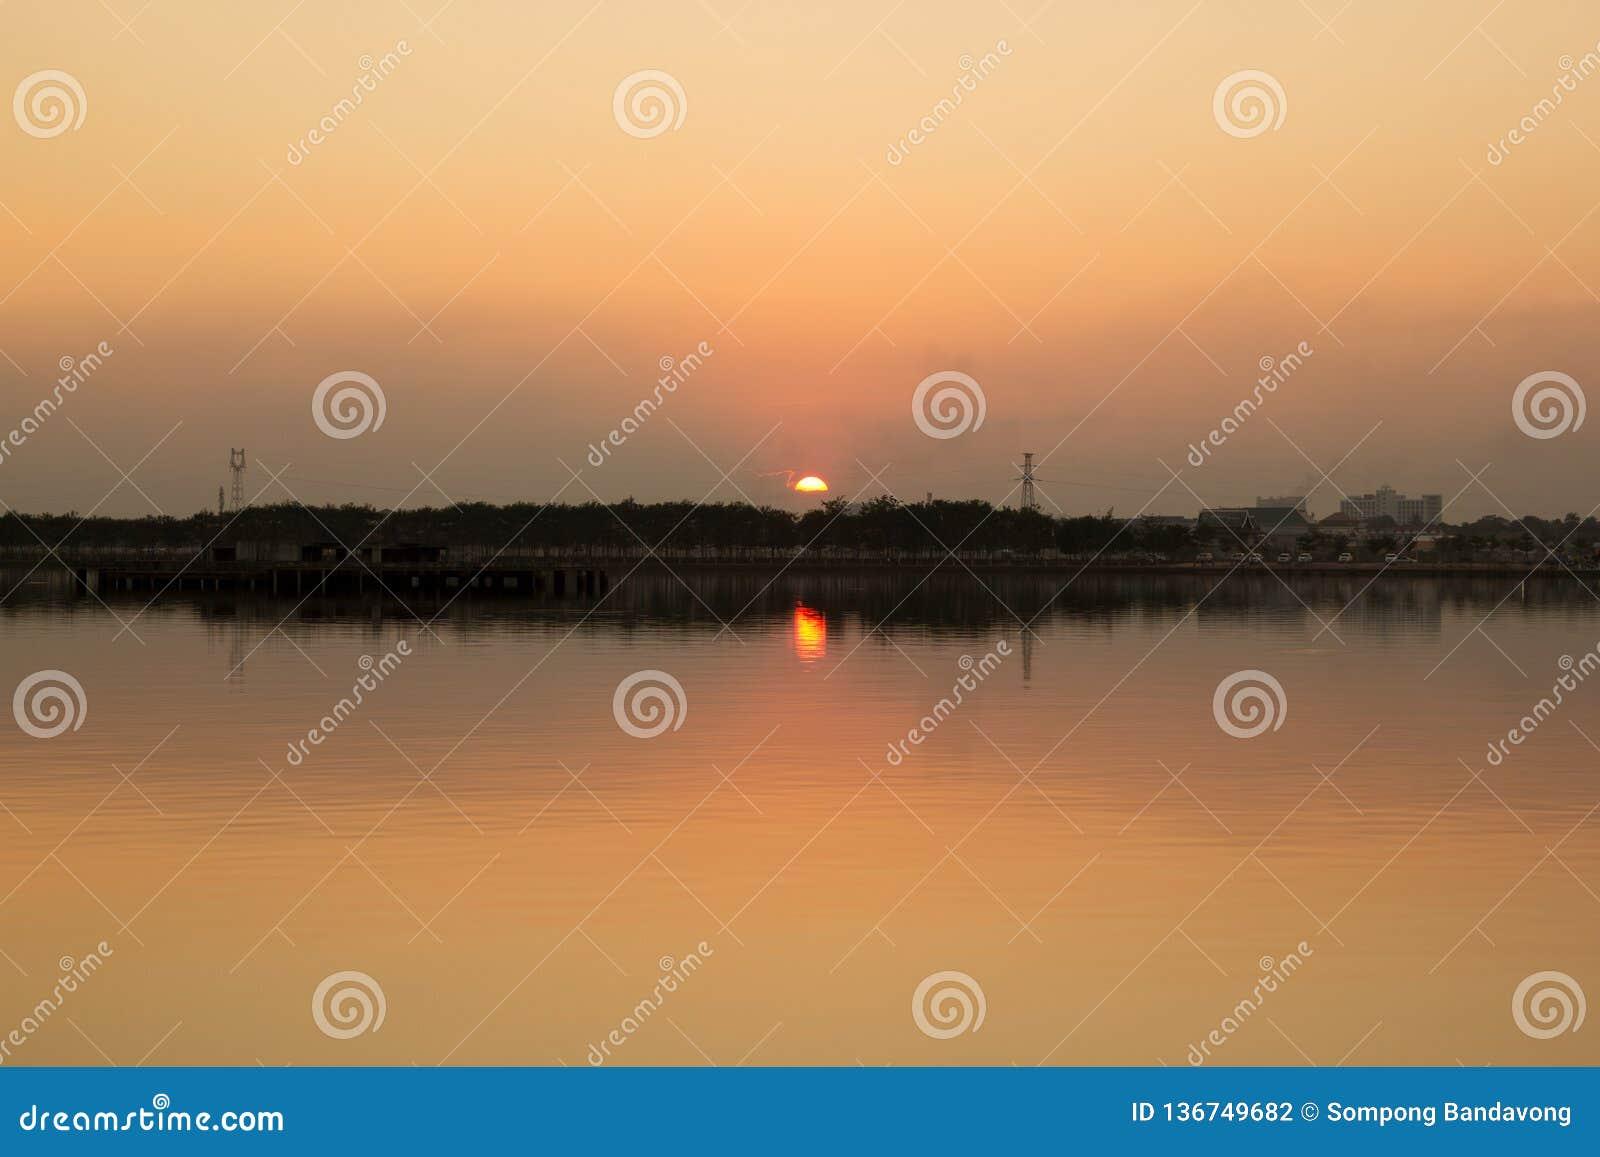 Landschaft von lakeview